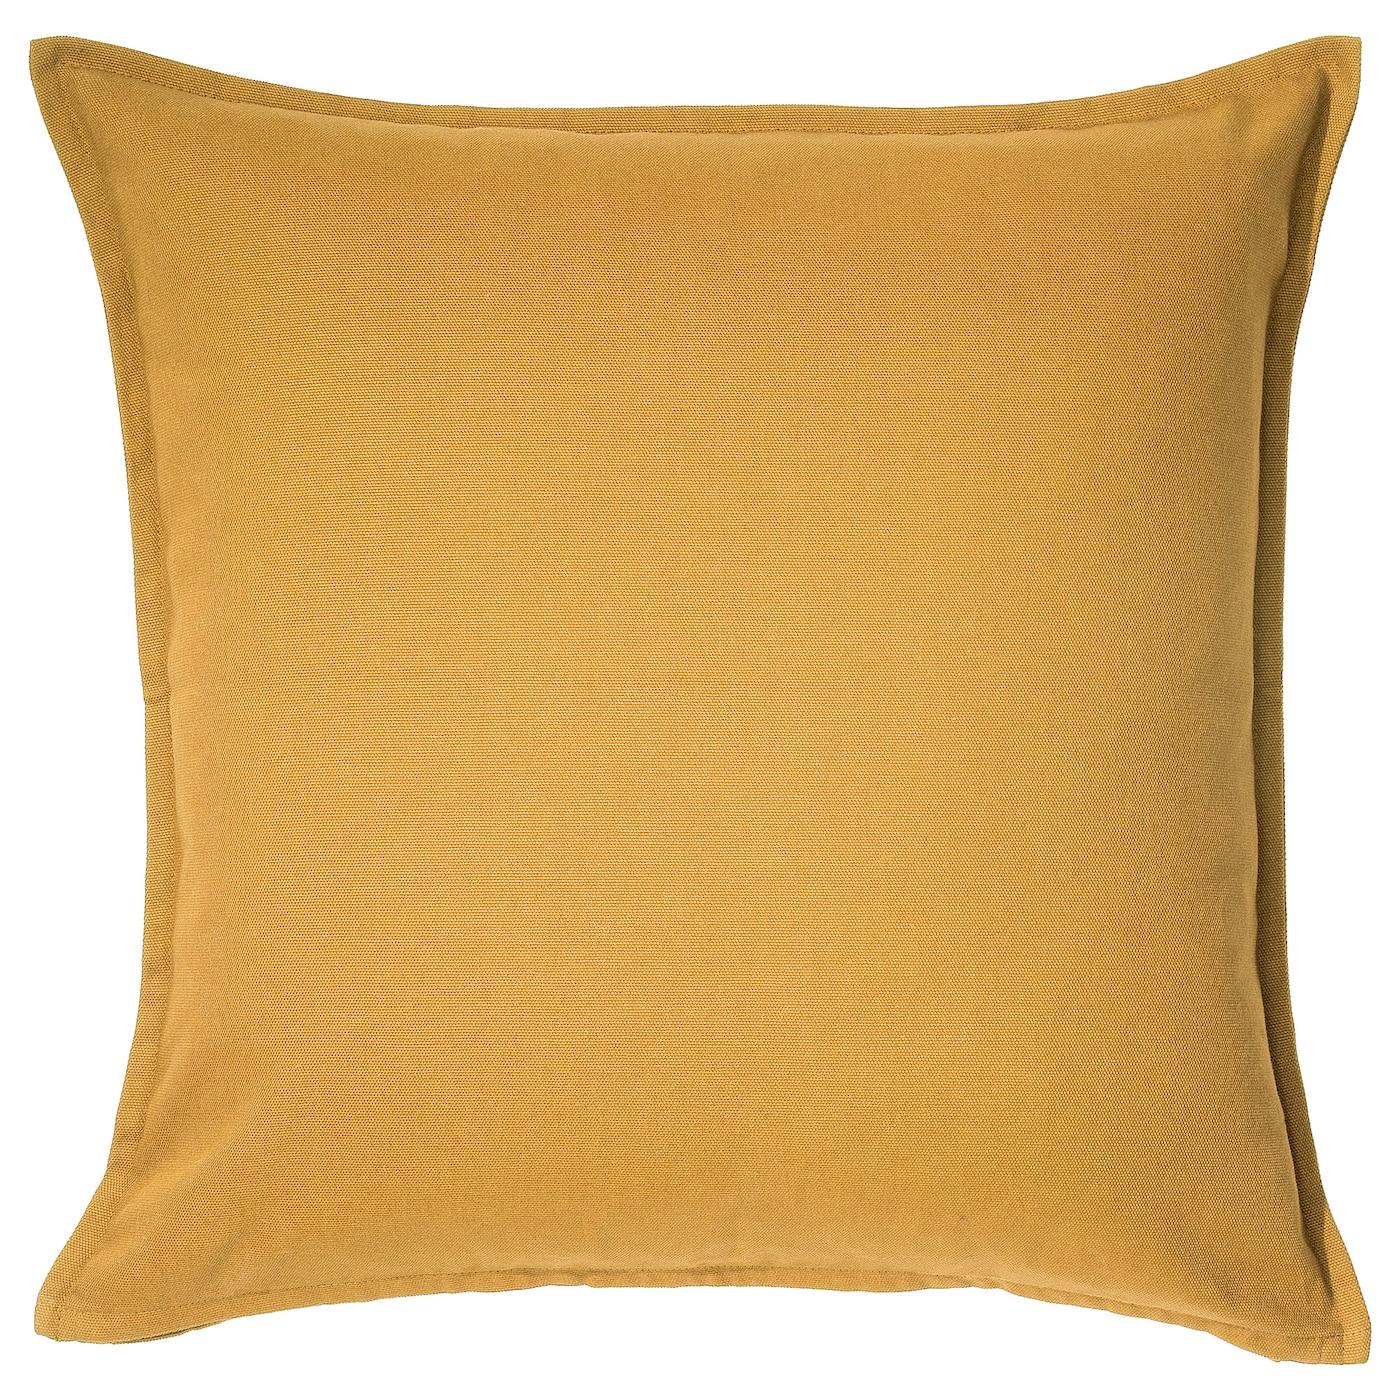 GURLI Housse de coussin - jaune doré - IKEA